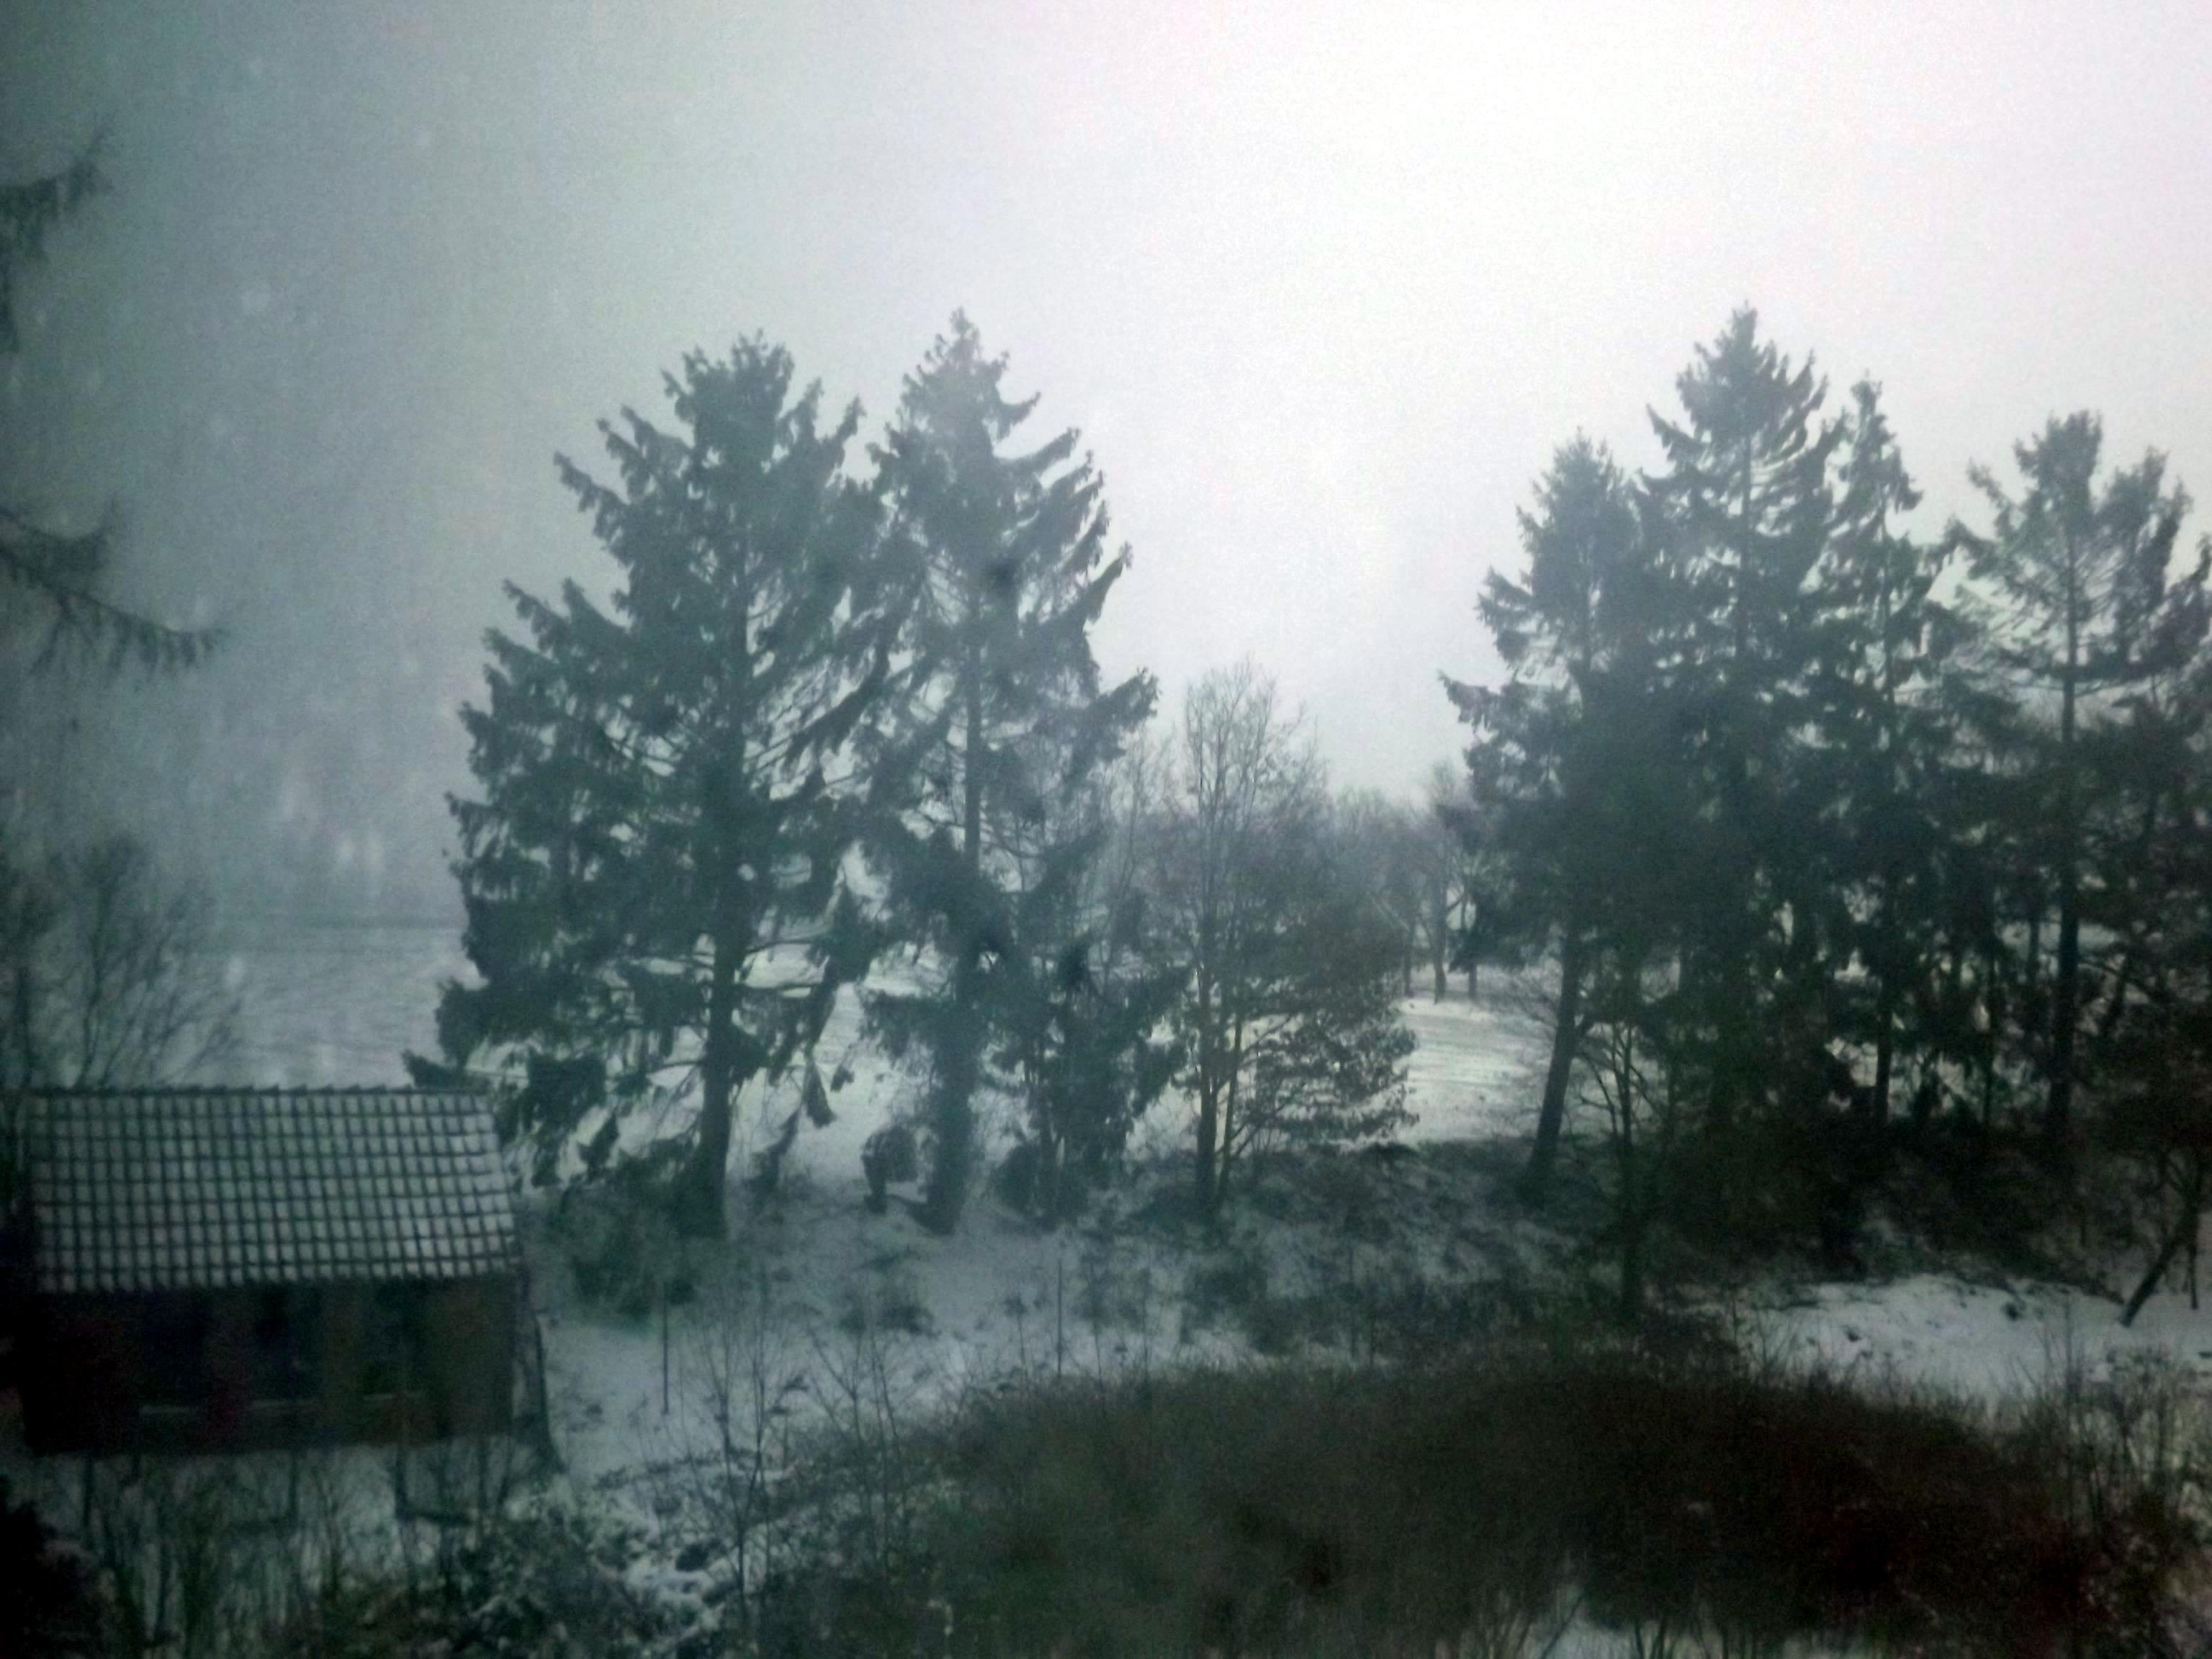 schneelandschaft-aus-der-luft-4620